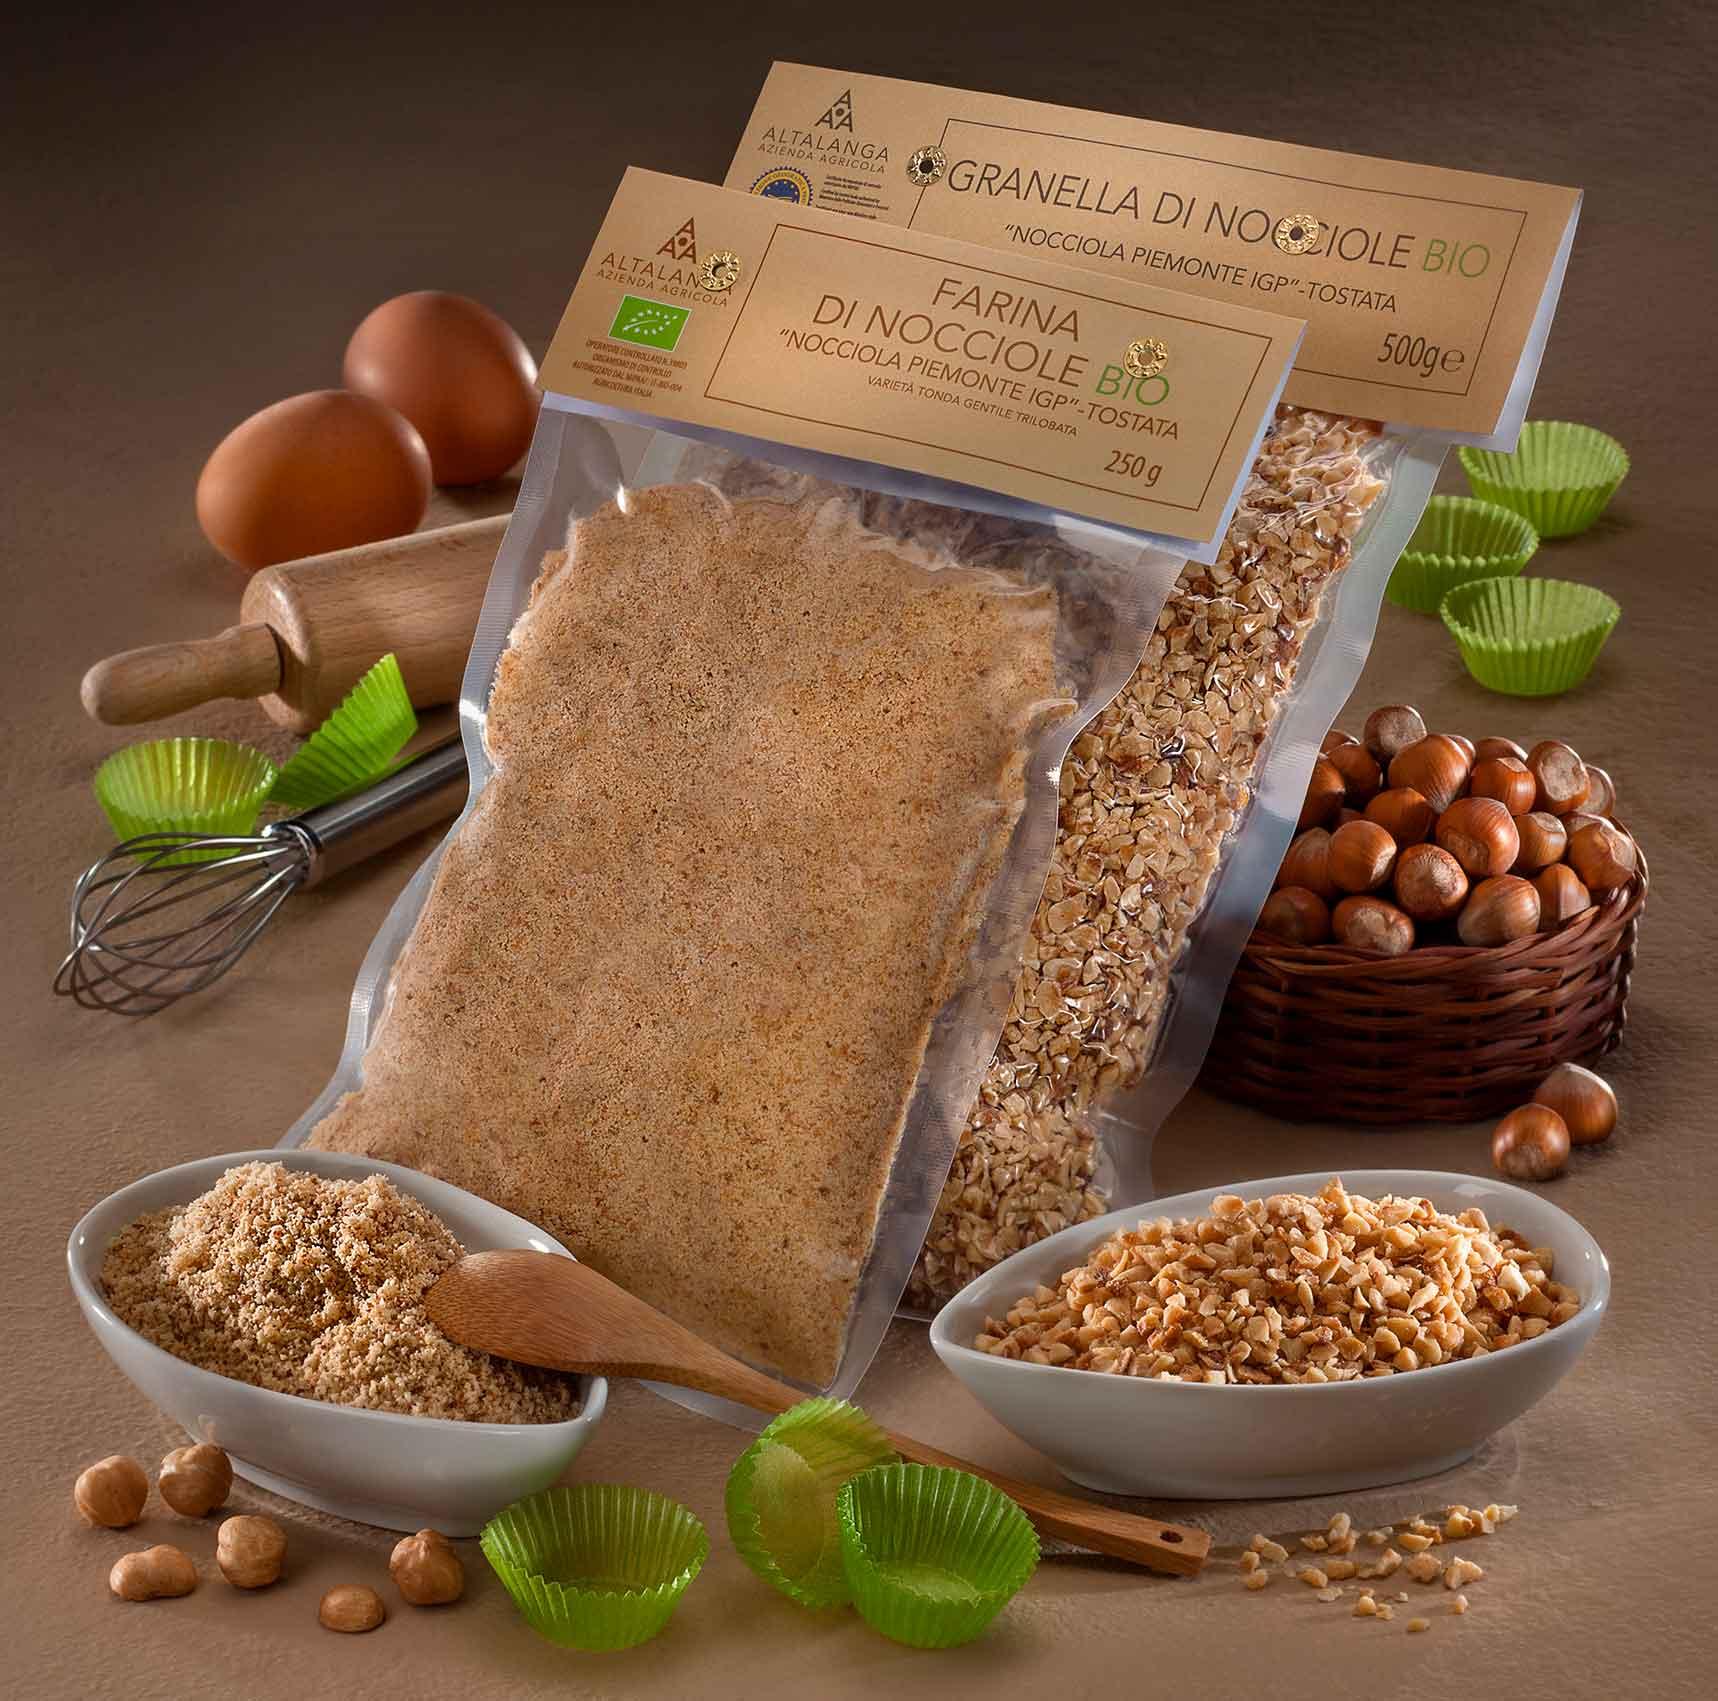 farina-granella-nocciole-bio